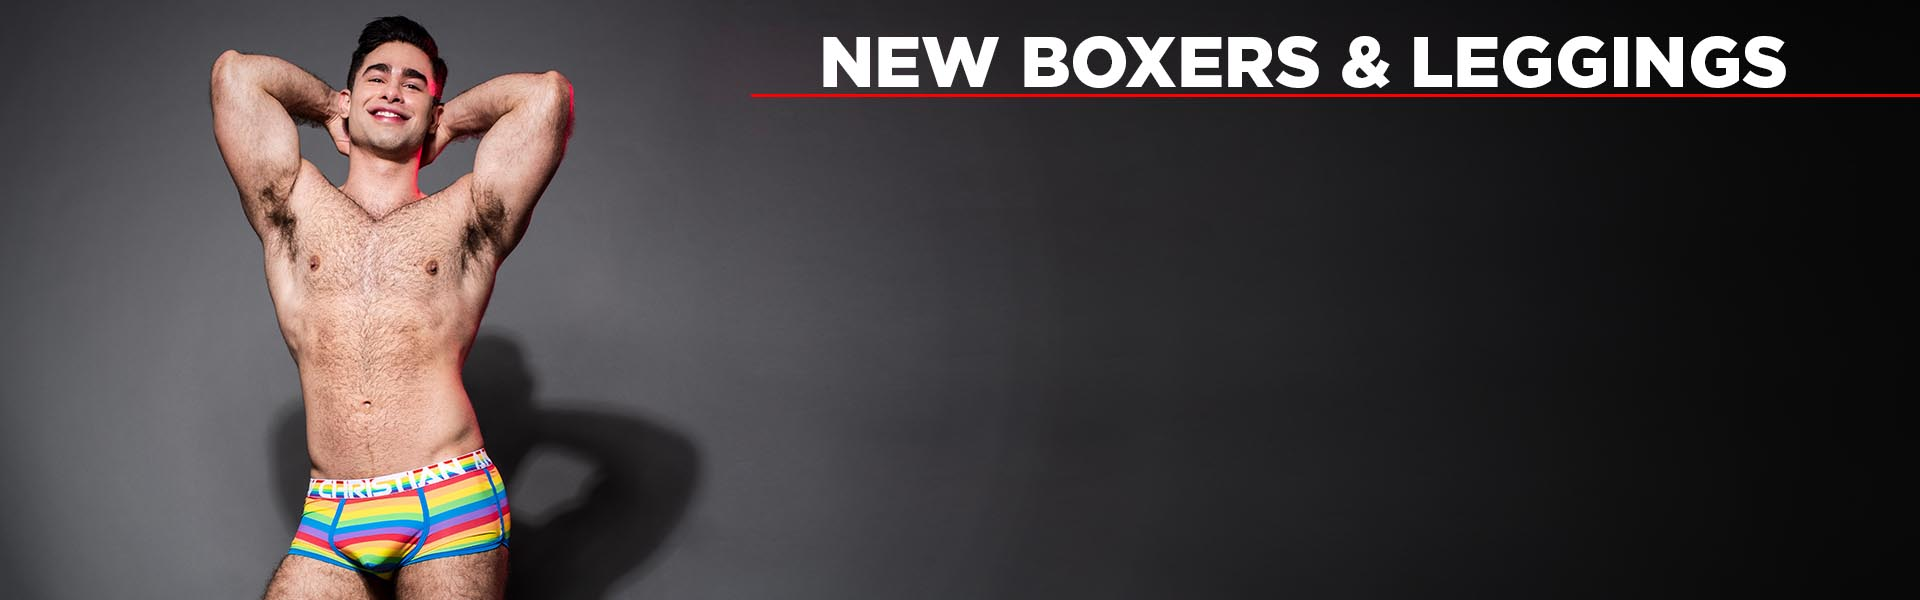 Boxers & Leggings